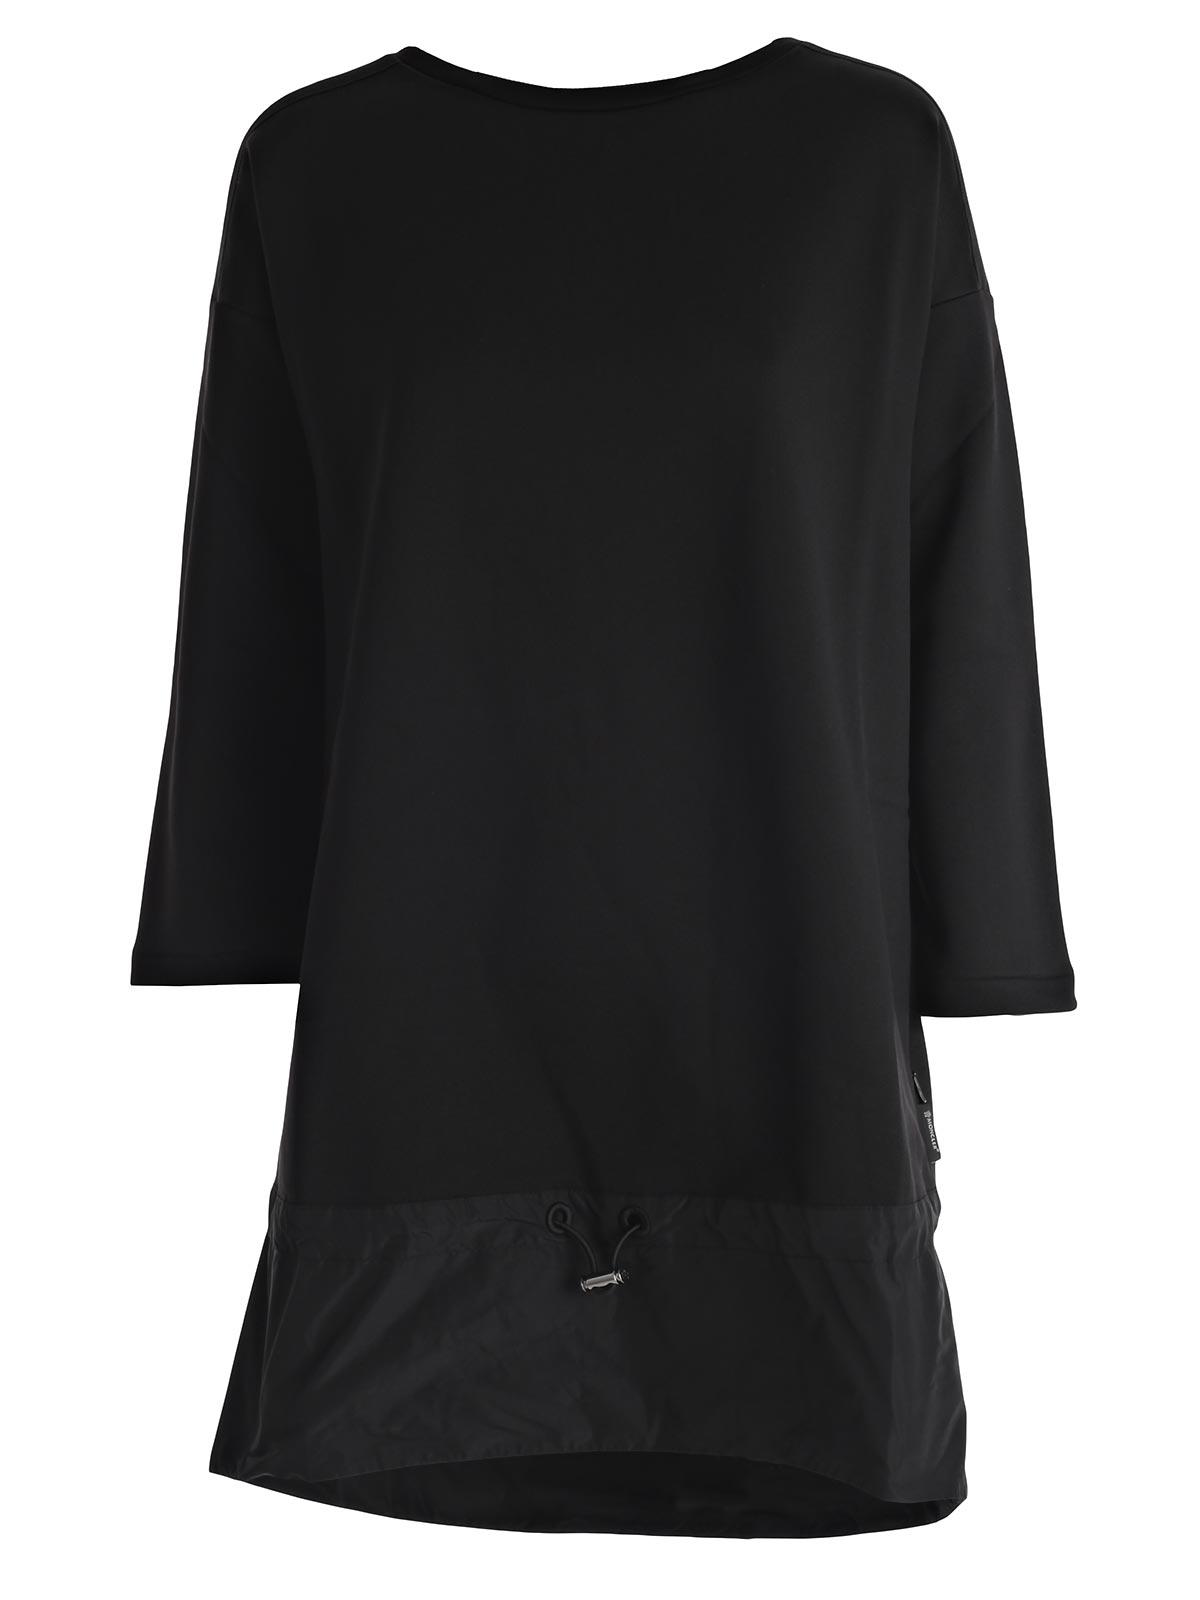 Picture of MONCLER DRESS ABITO FONDO NYLON